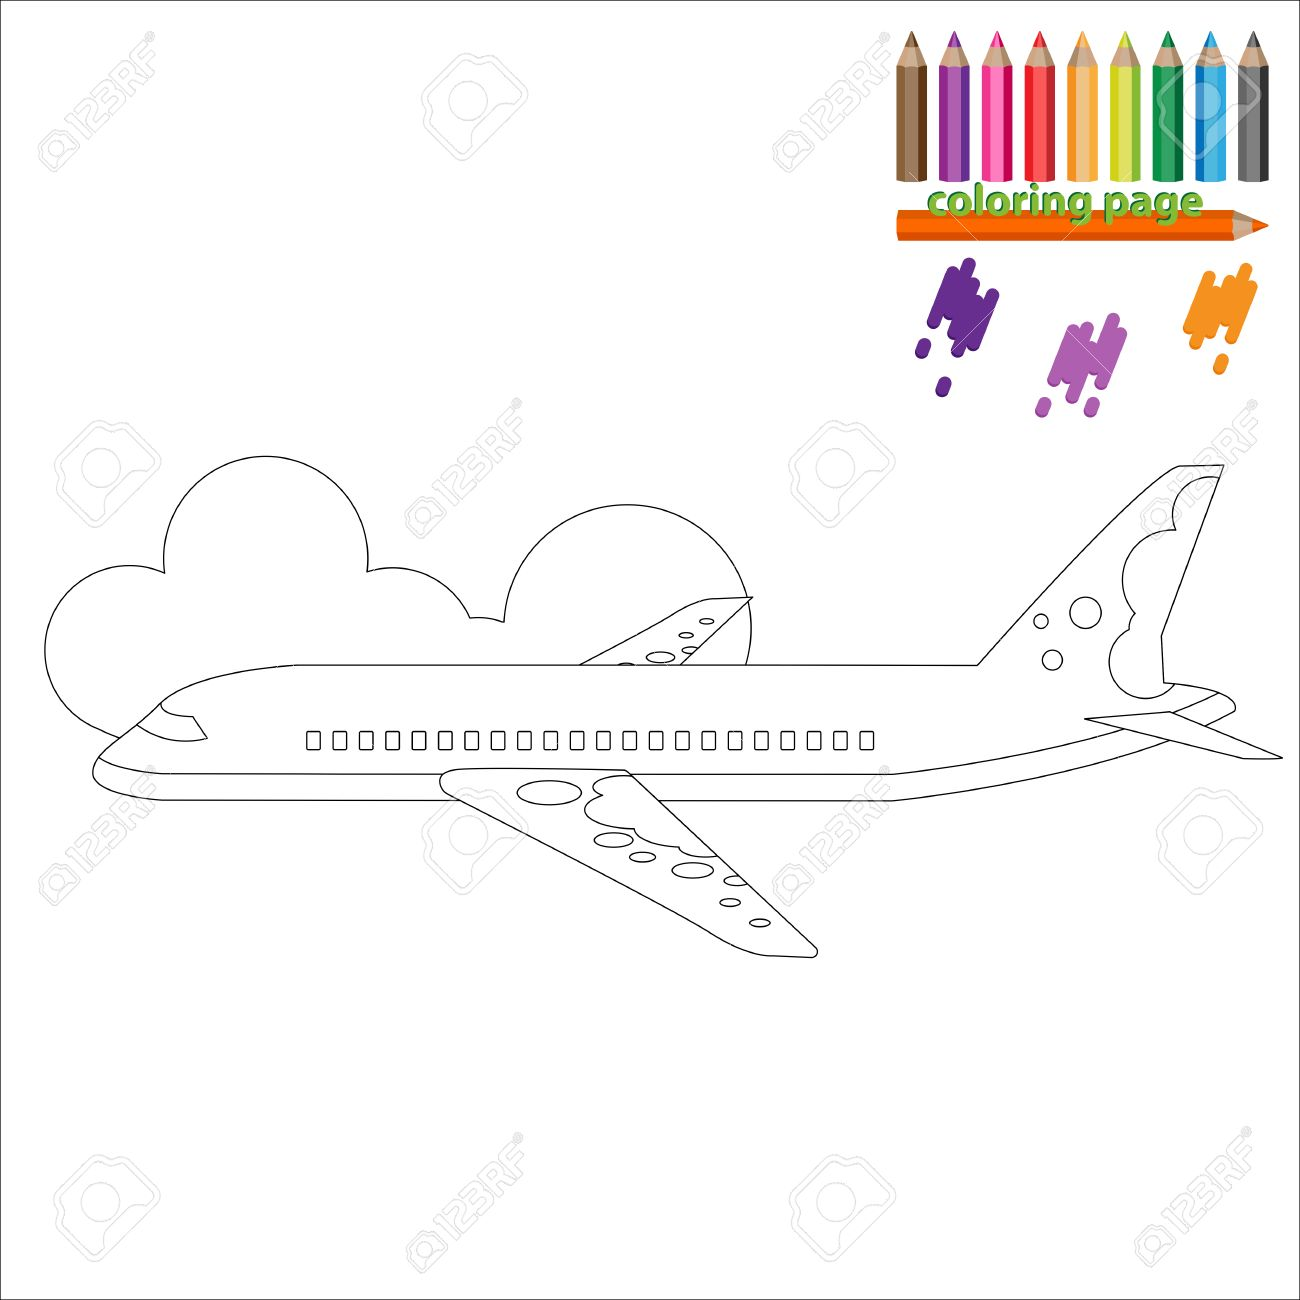 Malvorlage Mit Flugzeug Business Jet Malen Für Kinder Lizenzfrei